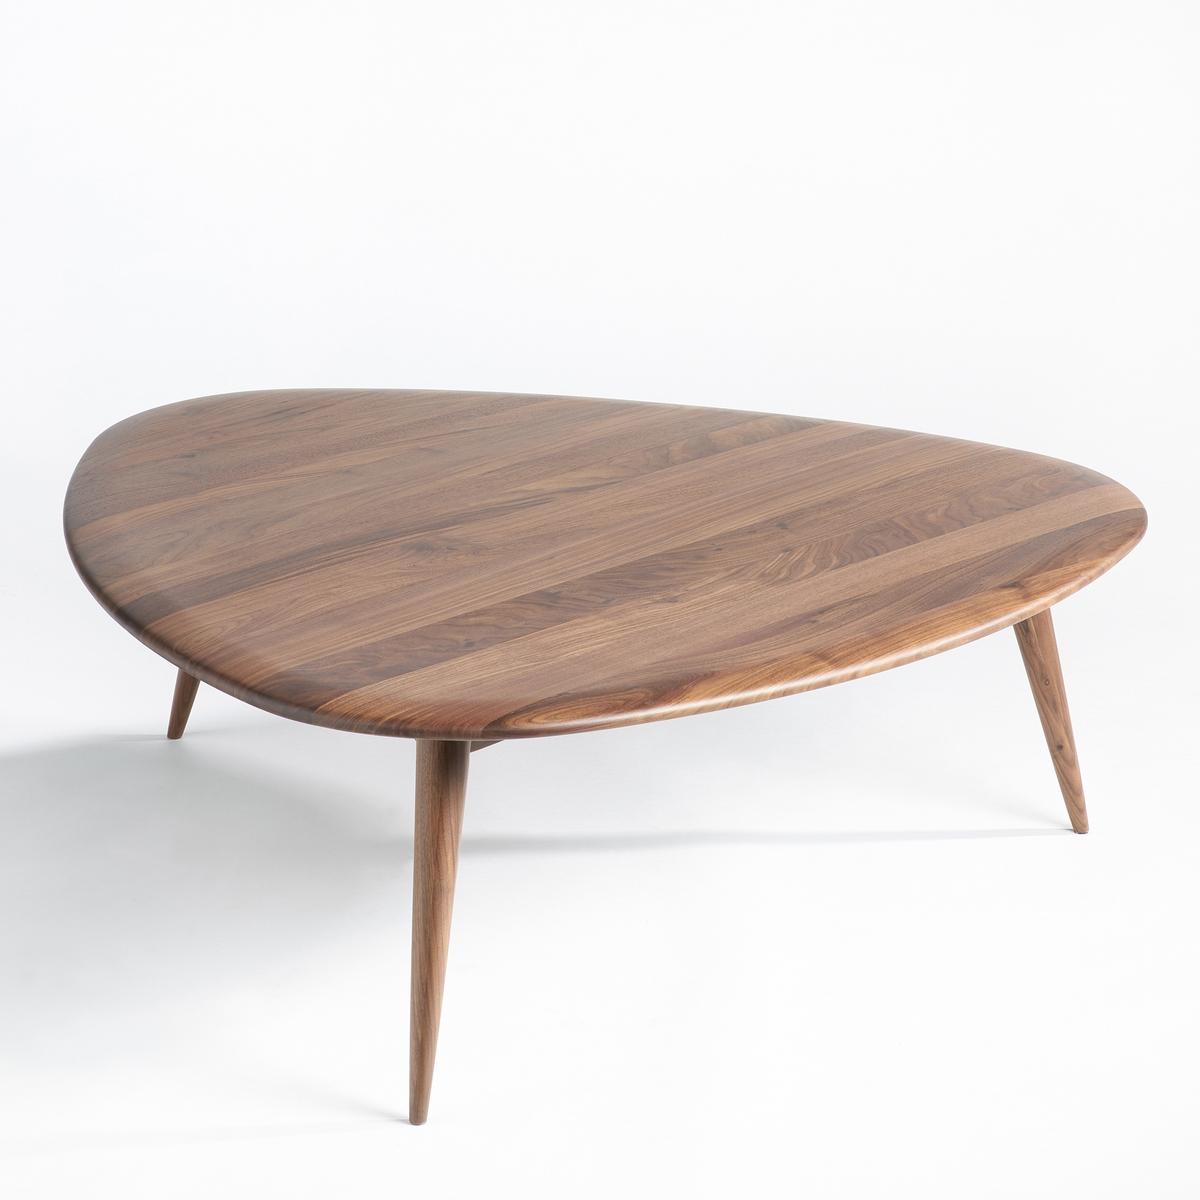 Столик La Redoute Журнальный из массива орехового дерева Tholeine большая модель единый размер каштановый